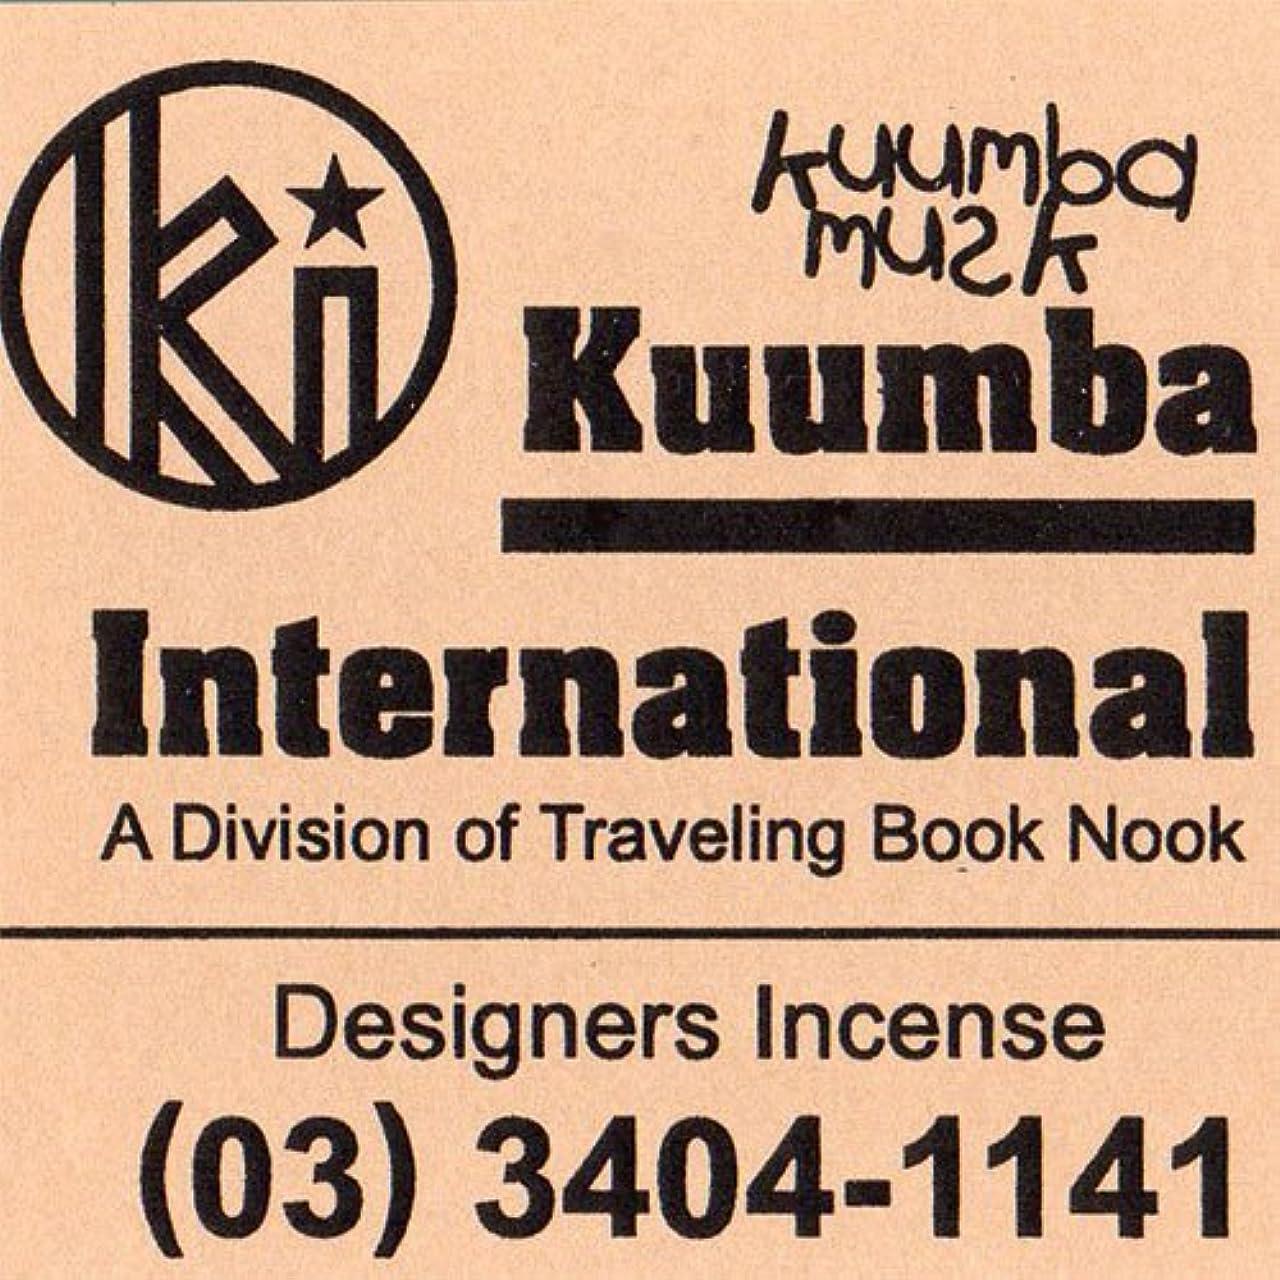 仕立て屋活発ほこりKUUMBA/クンバ『incense』(KUUMBA MUSK) (Regular size)